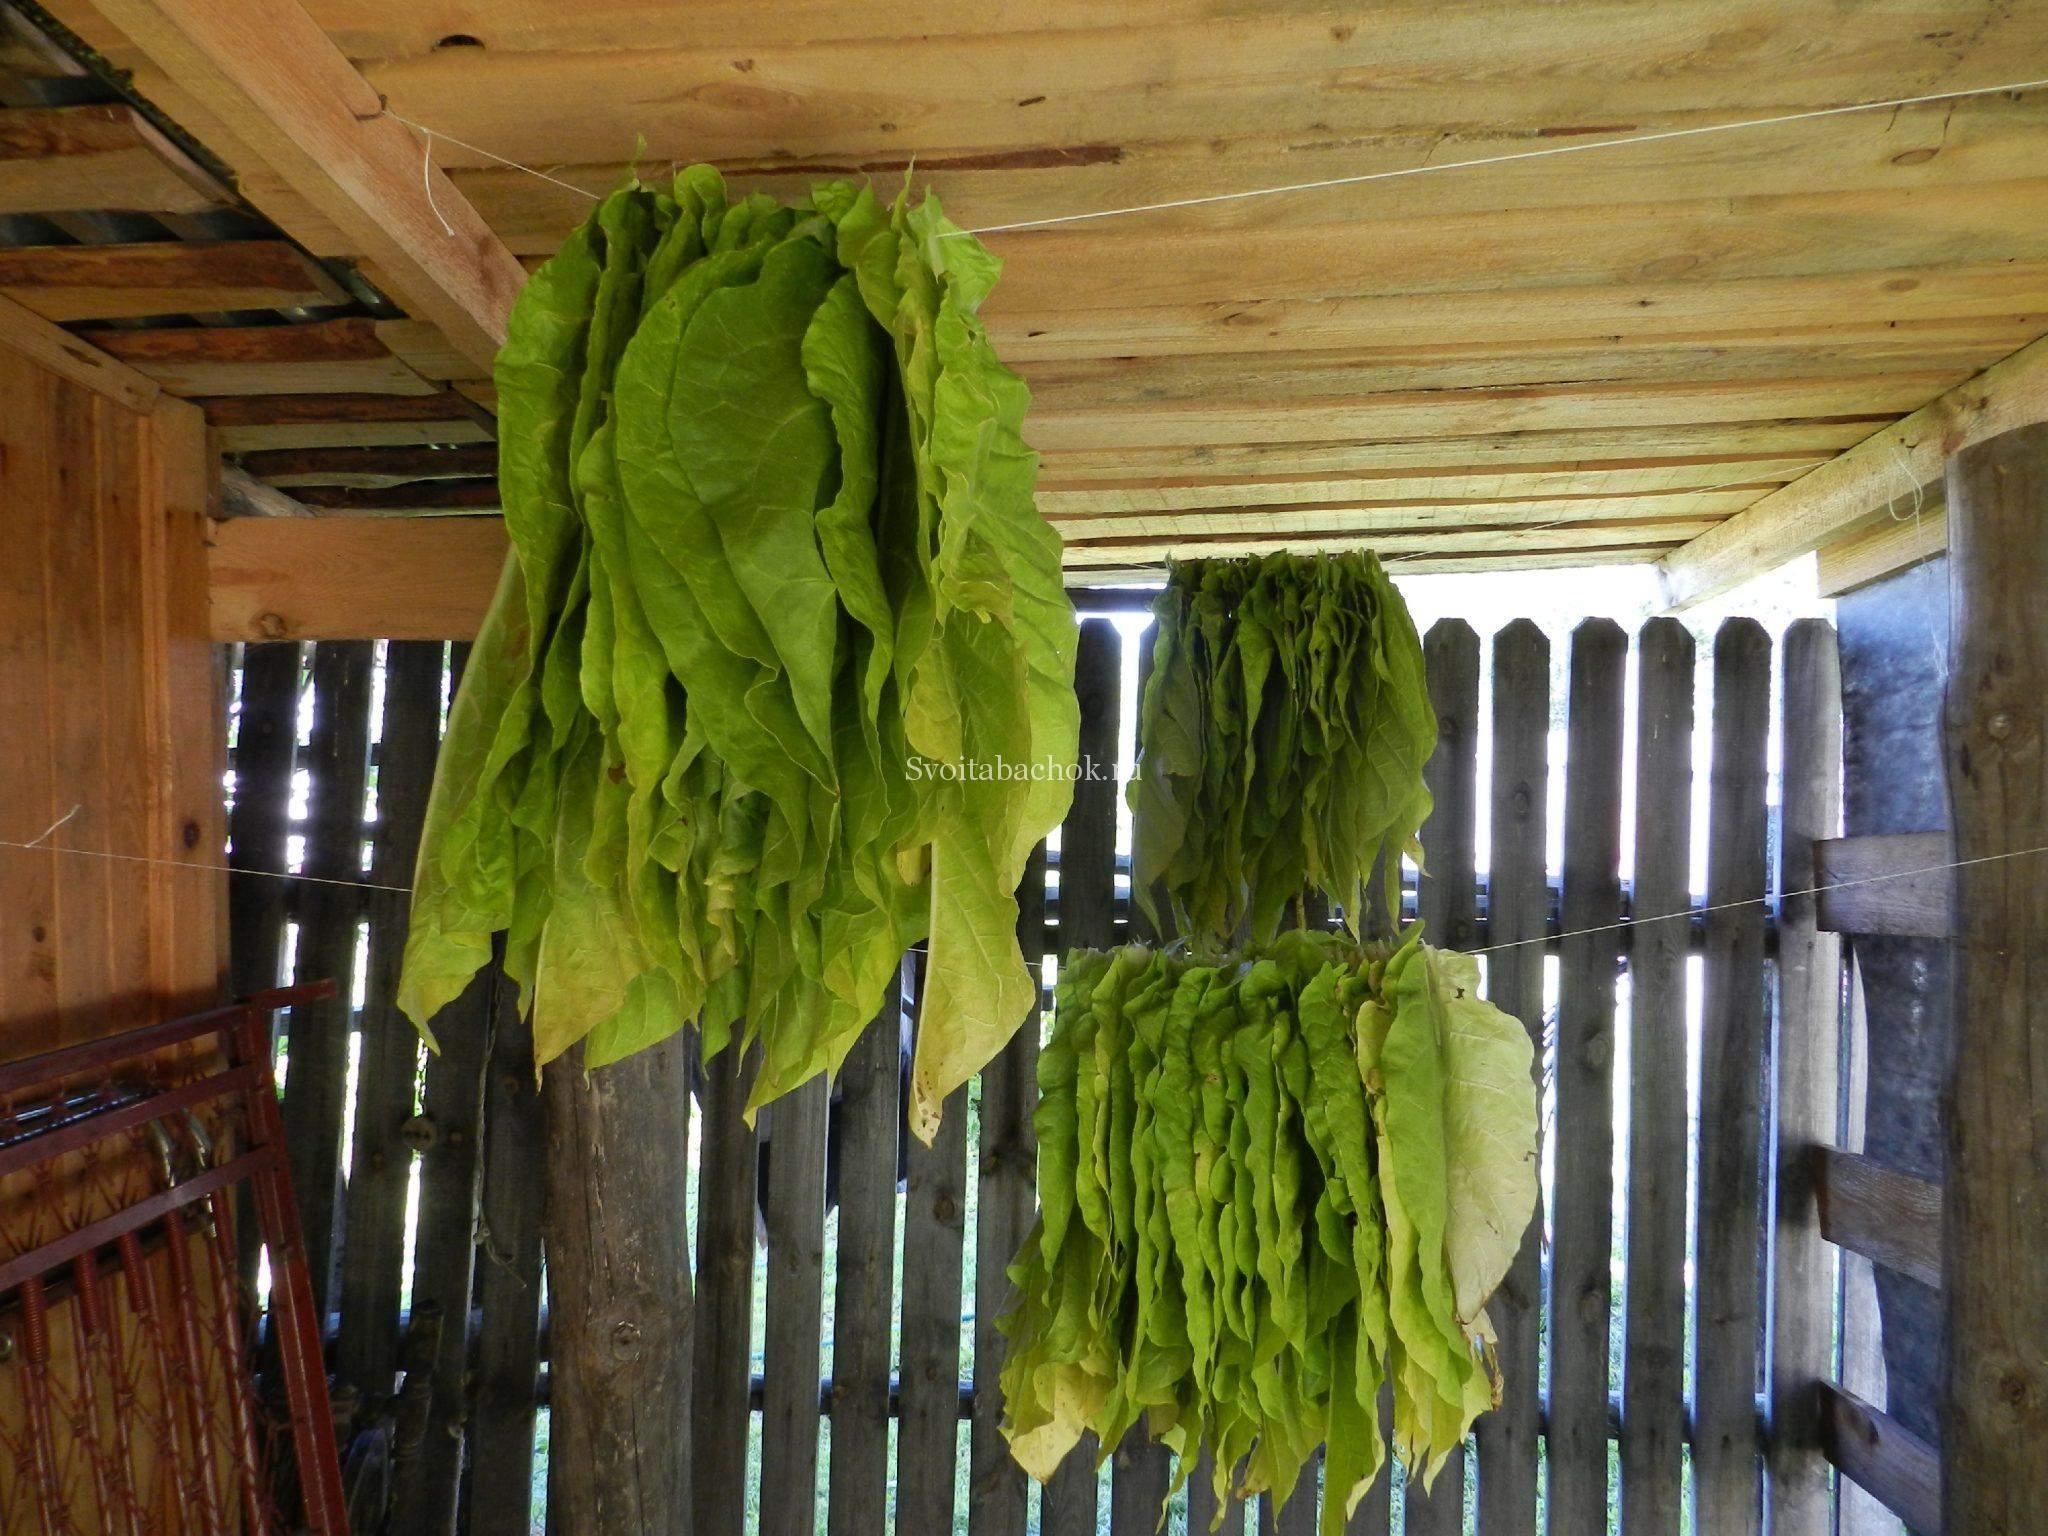 Причёски повседневные на короткие волосы в домашних условиях пошагово в 6